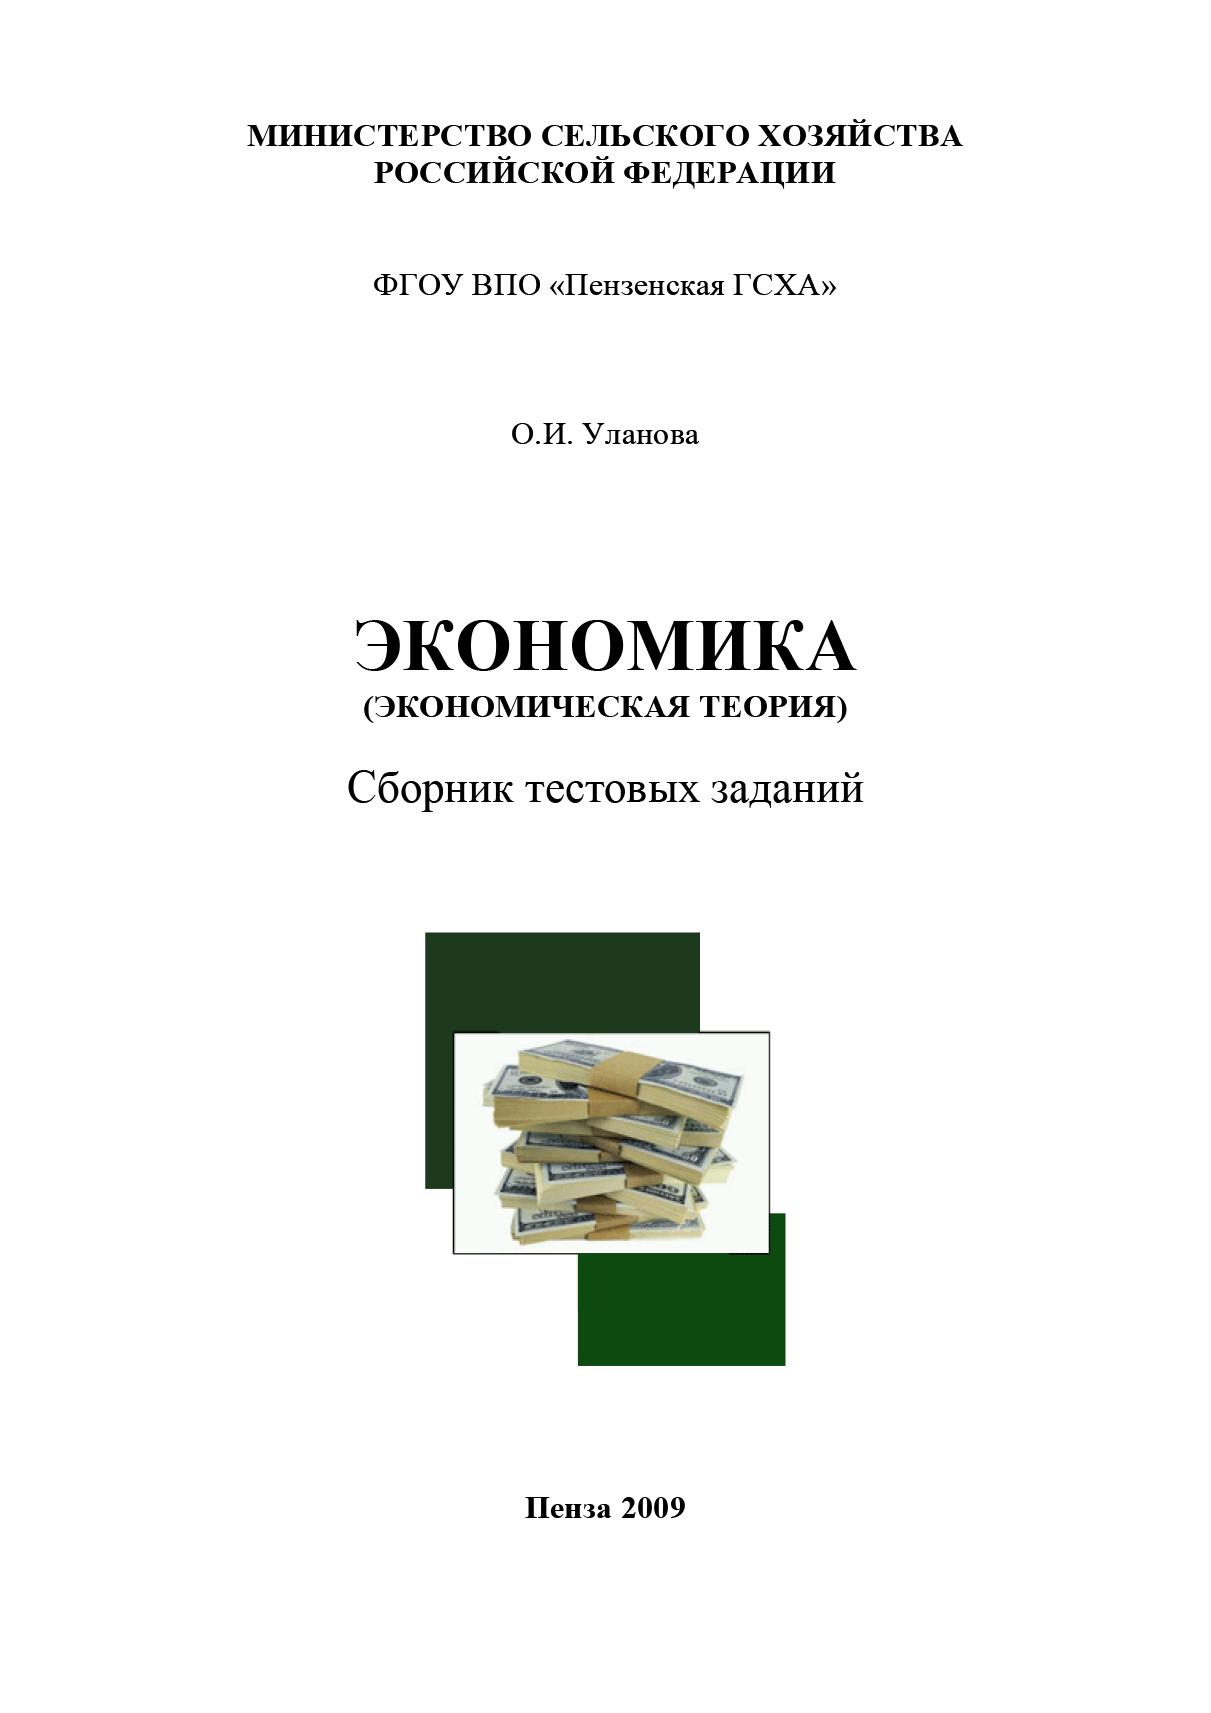 Экономика (экономическая теория)